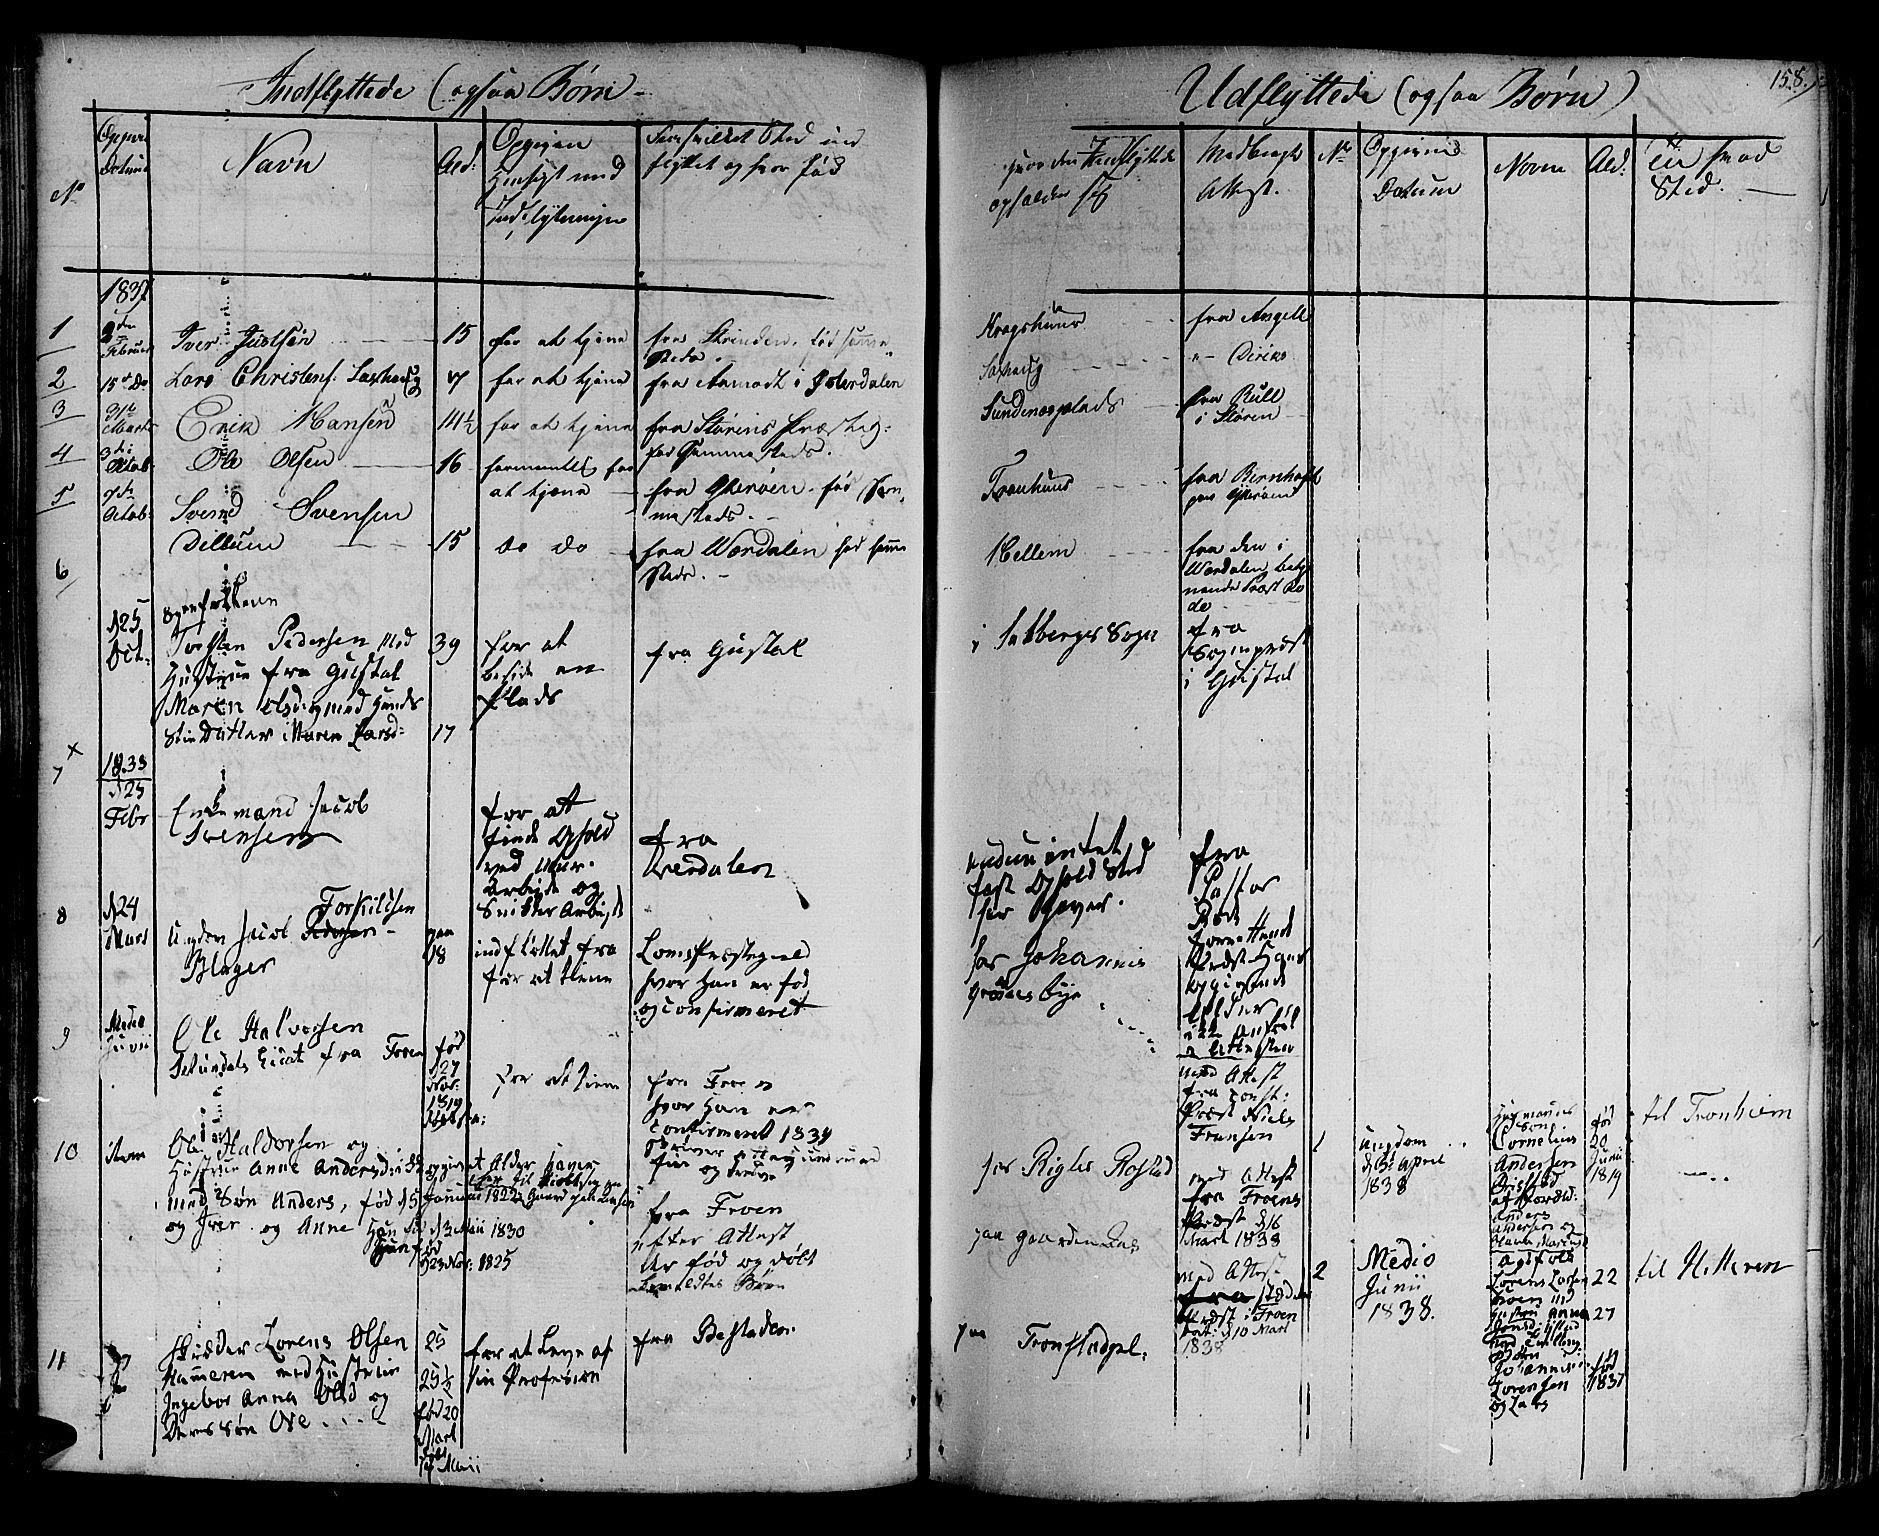 SAT, Ministerialprotokoller, klokkerbøker og fødselsregistre - Nord-Trøndelag, 730/L0277: Ministerialbok nr. 730A06 /1, 1830-1839, s. 158